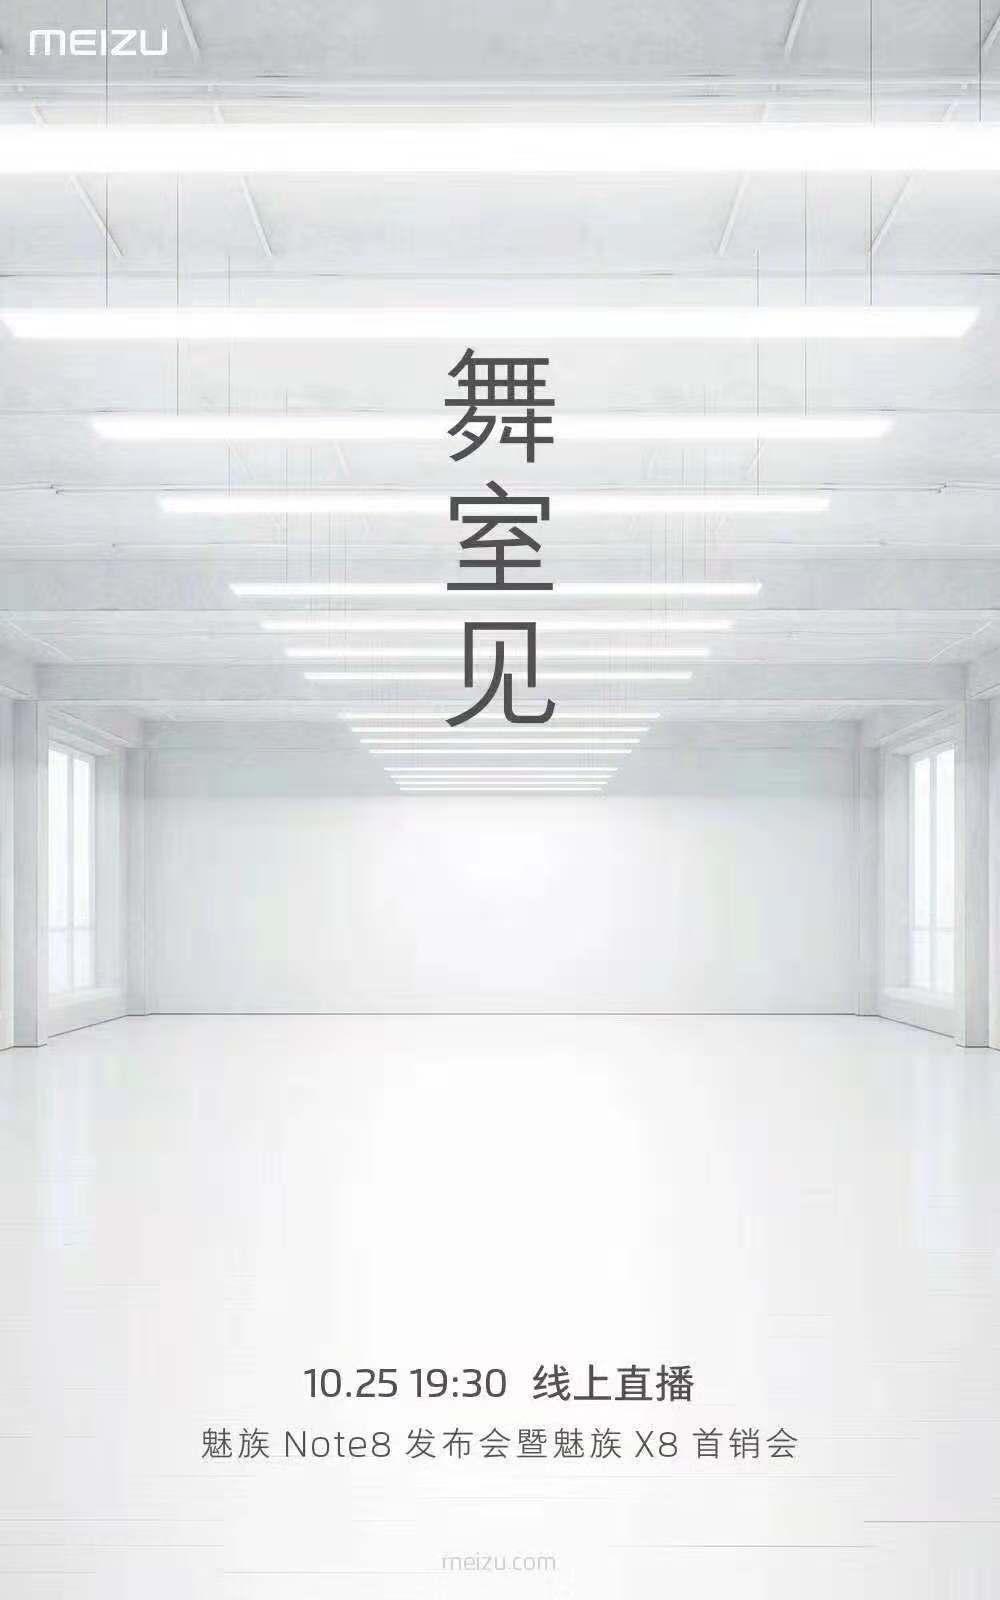 魅族Note8发布会地点确定:舞室见